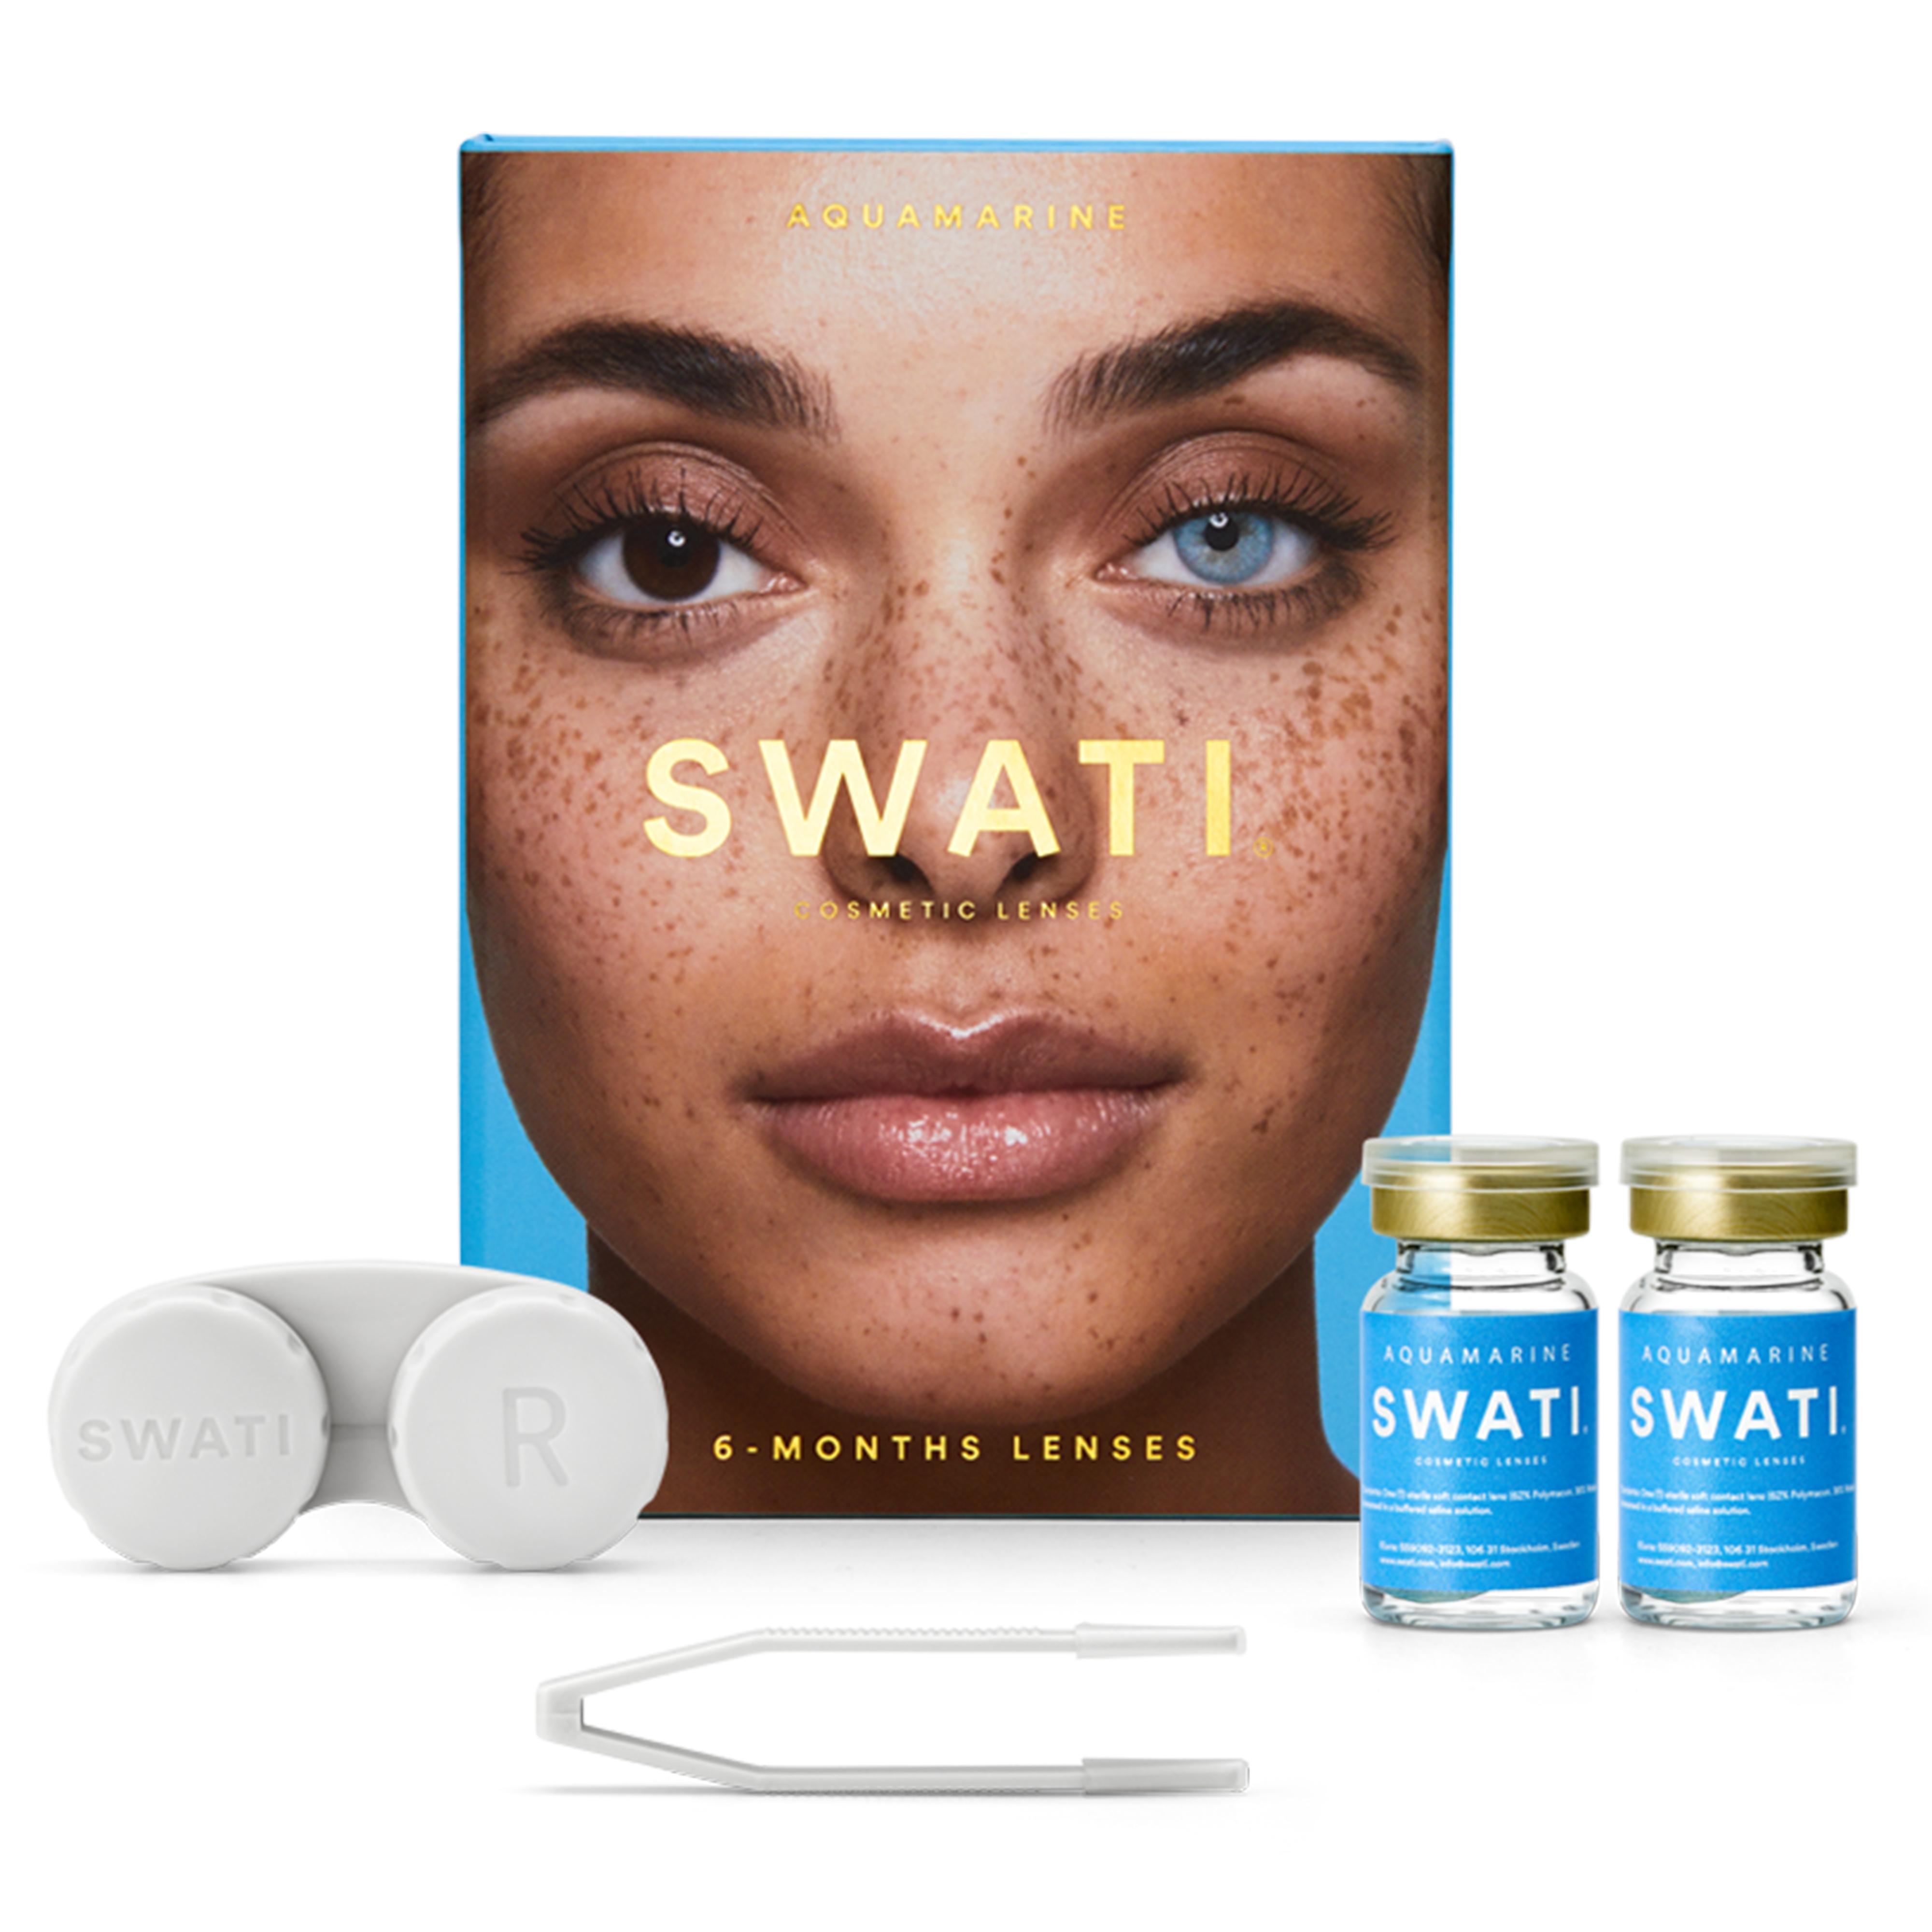 SWATI - Coloured Contact Lenses 6 Months - Aquamarine